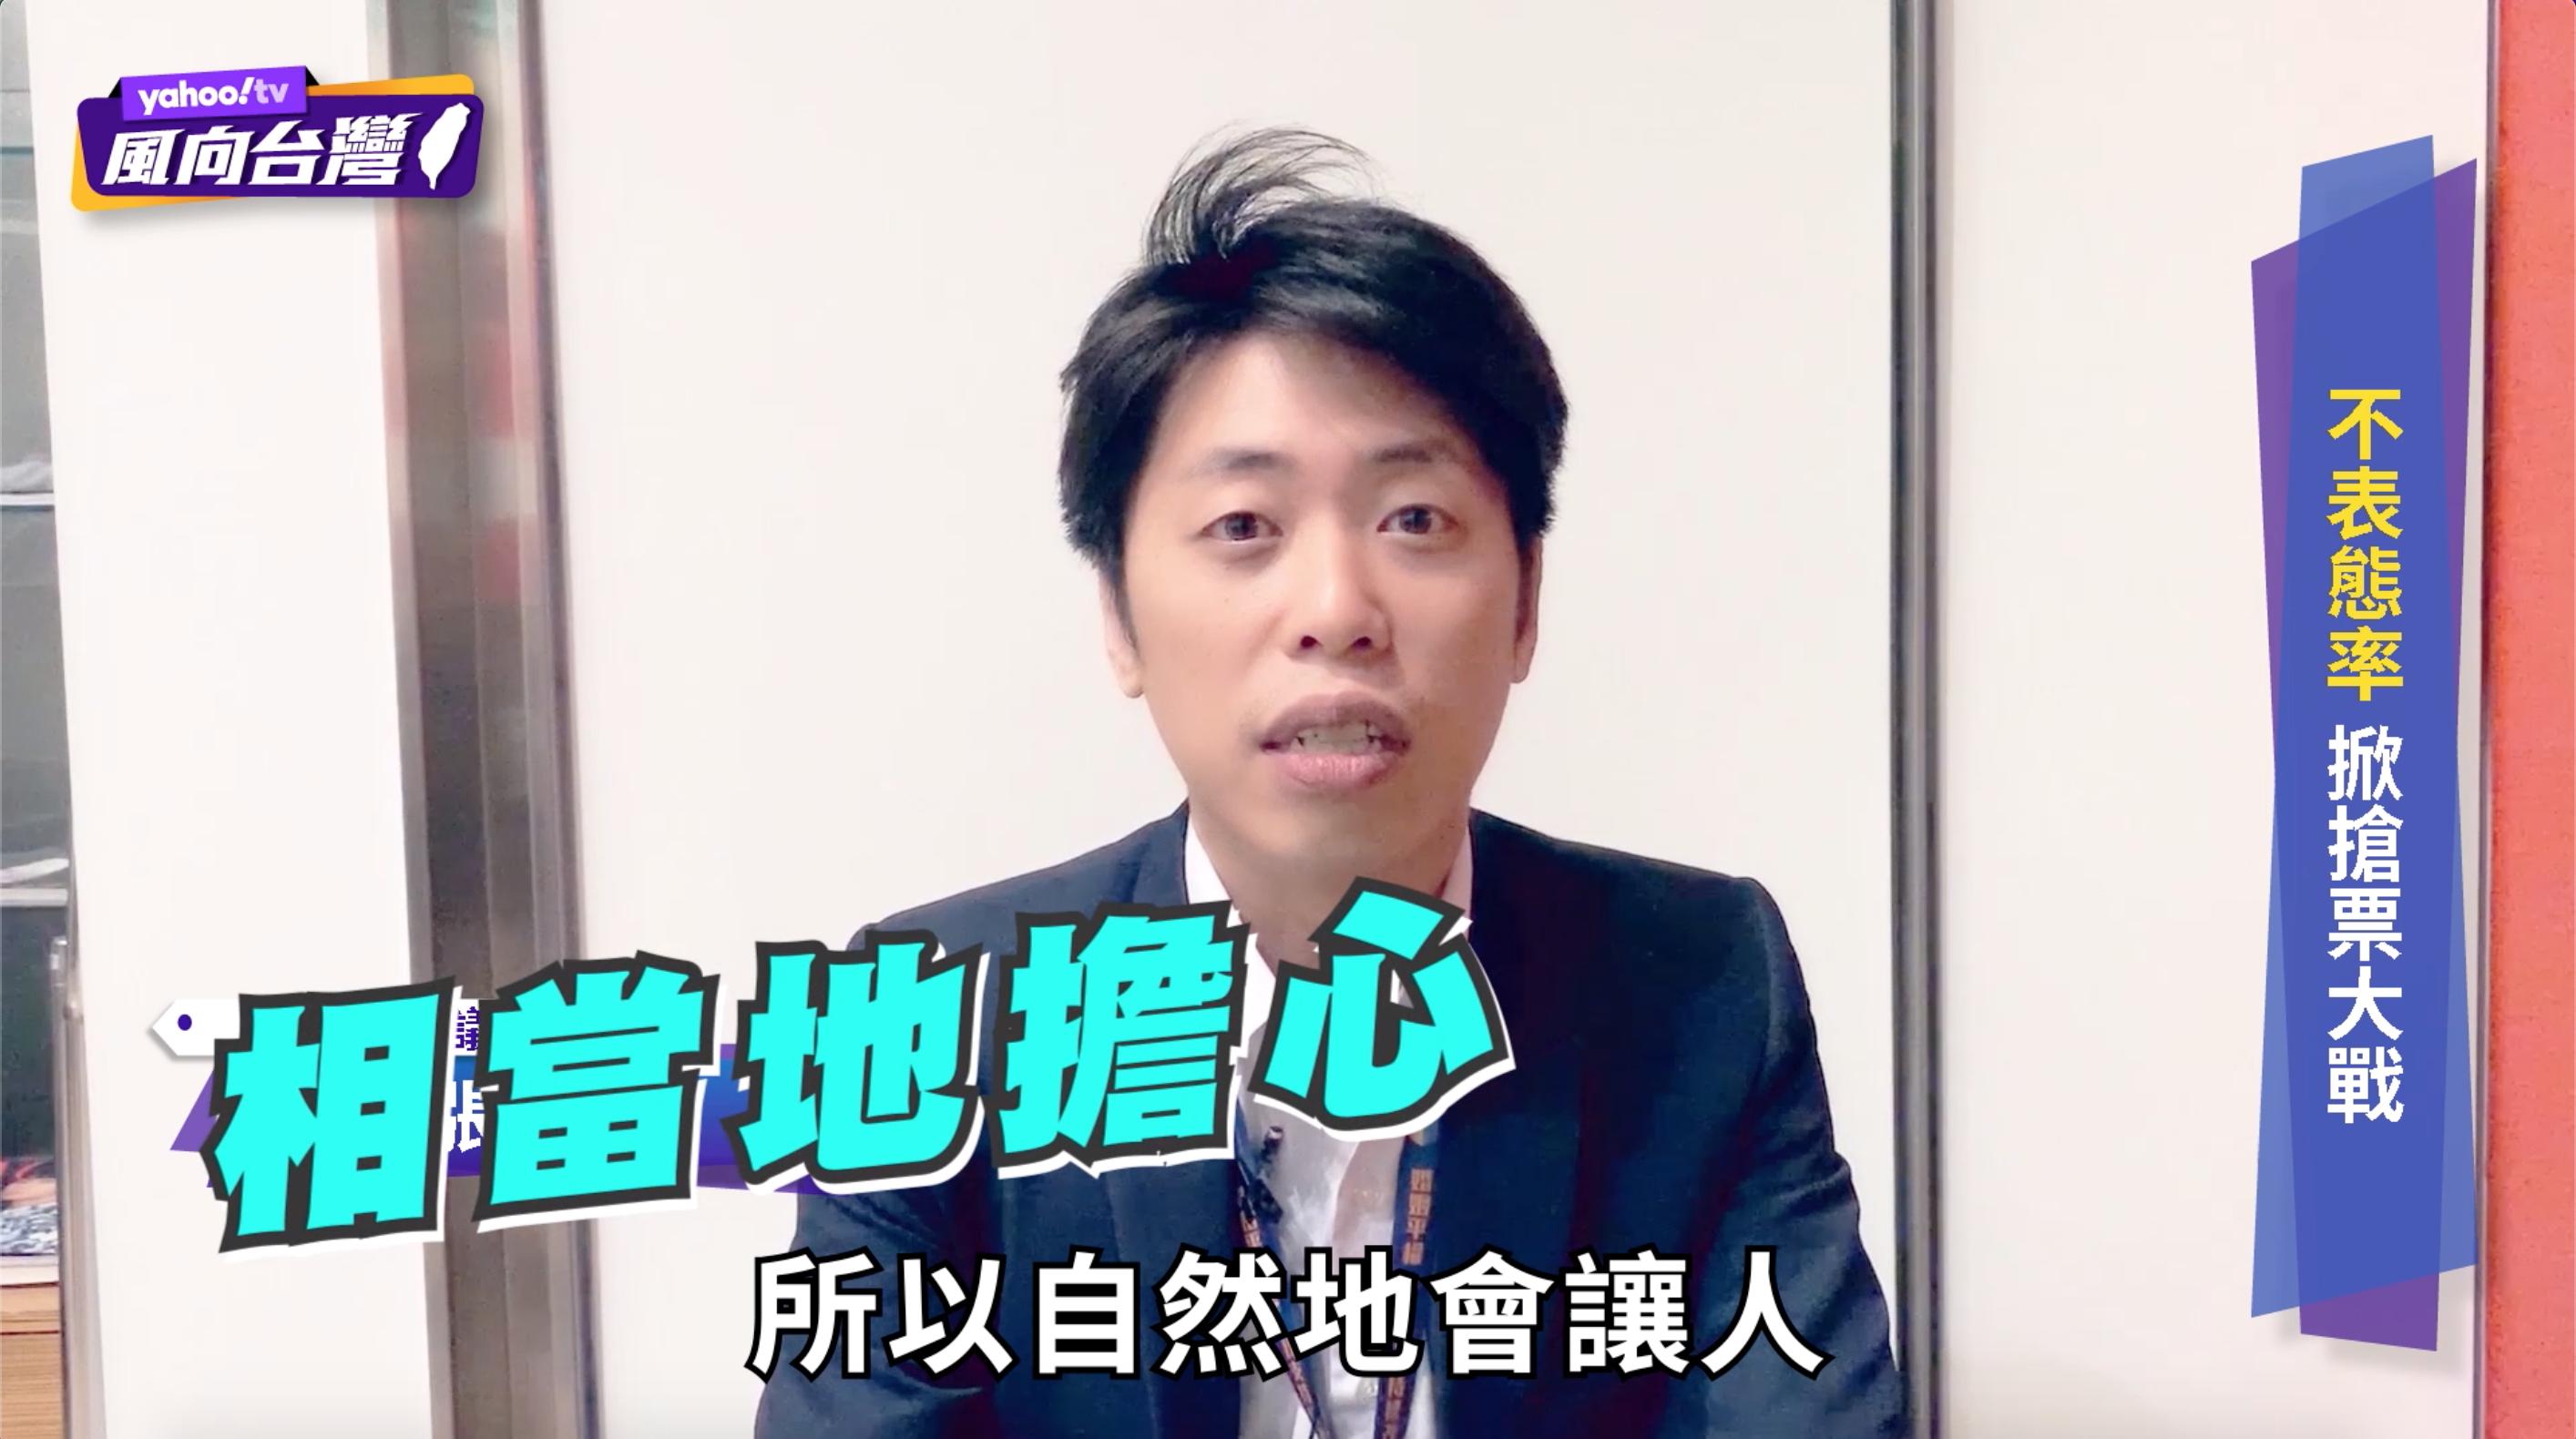 憂重蹈覆轍   張之豪:勿輕忽韓市長誇張言論